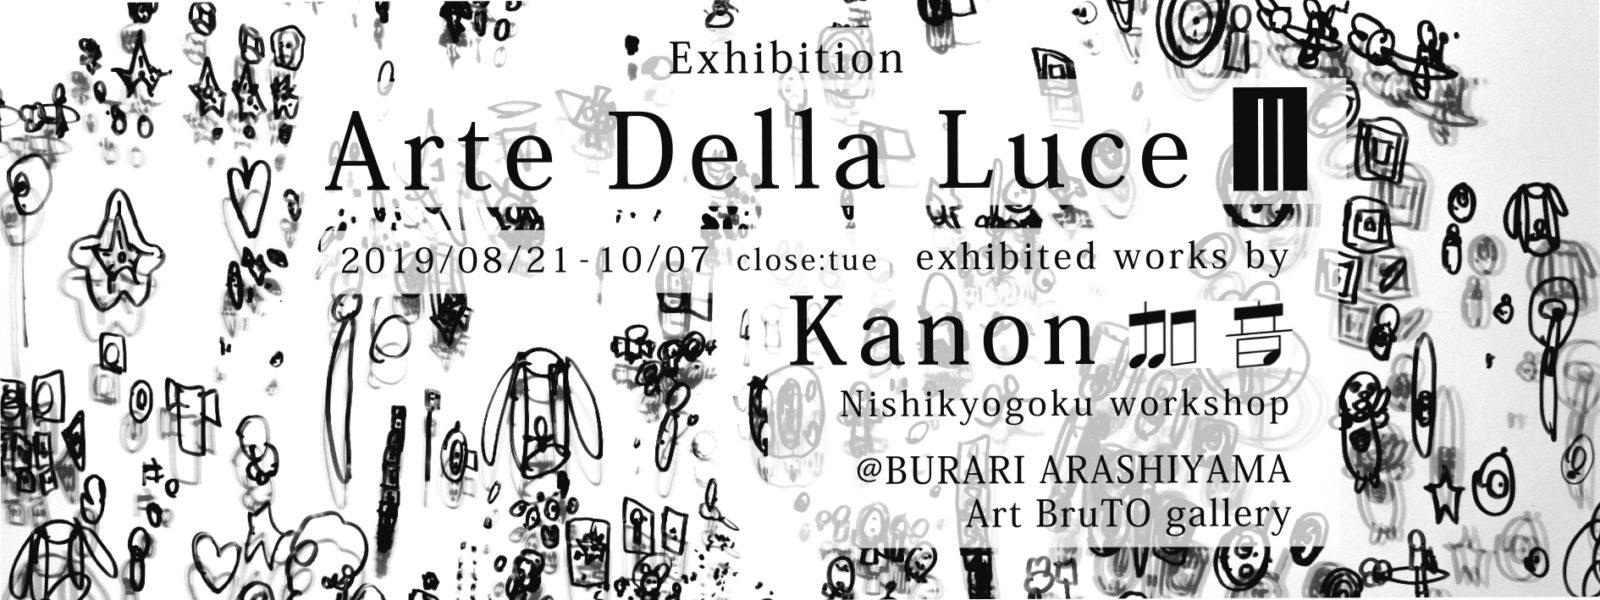 Arte Della Luce Ⅱ 加音 西京極作業所 展 @ぶらり嵐山 2019.08.21-2019.10.07